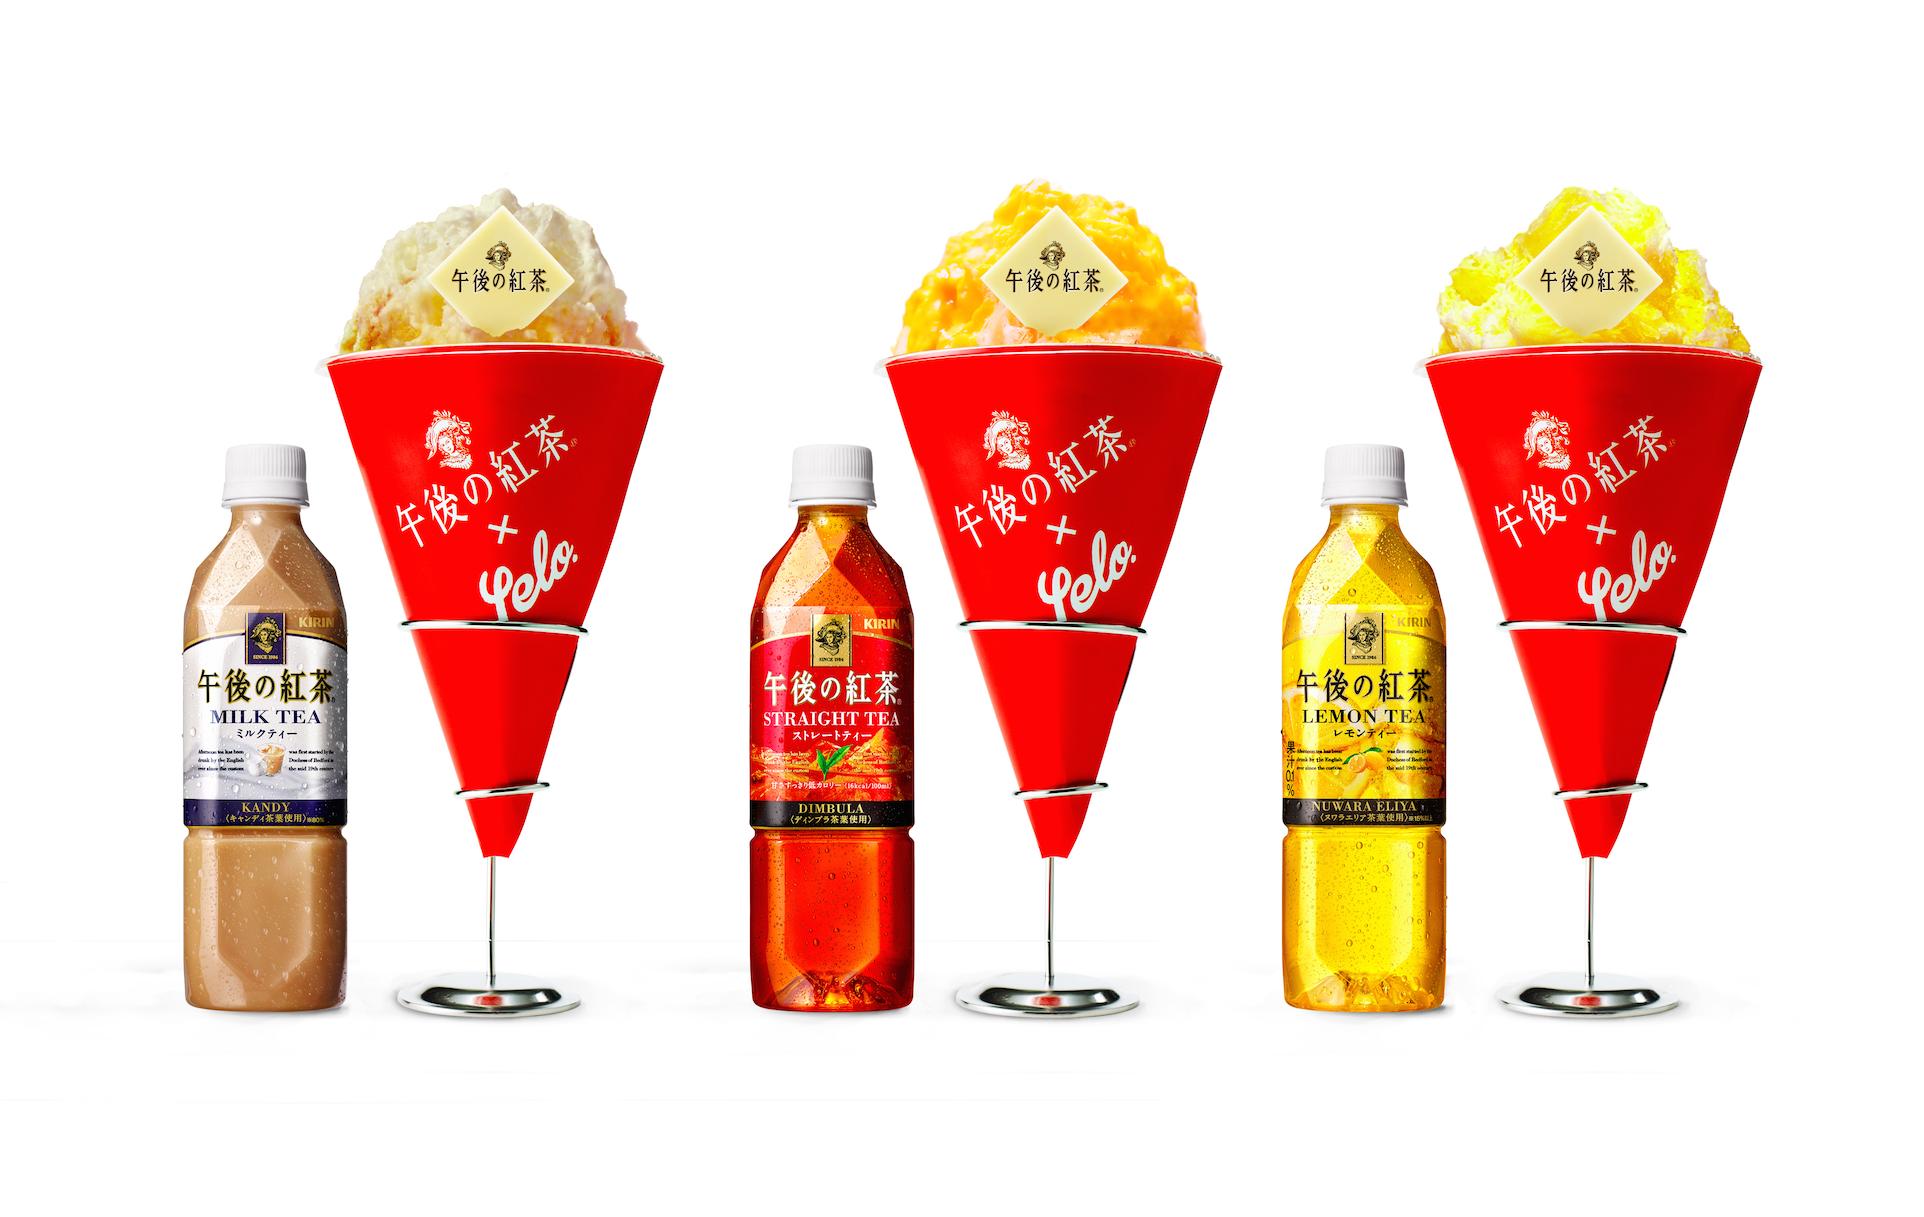 夏の午後限定! 『午後の紅茶』初のかき氷専門店がオープン☆_1